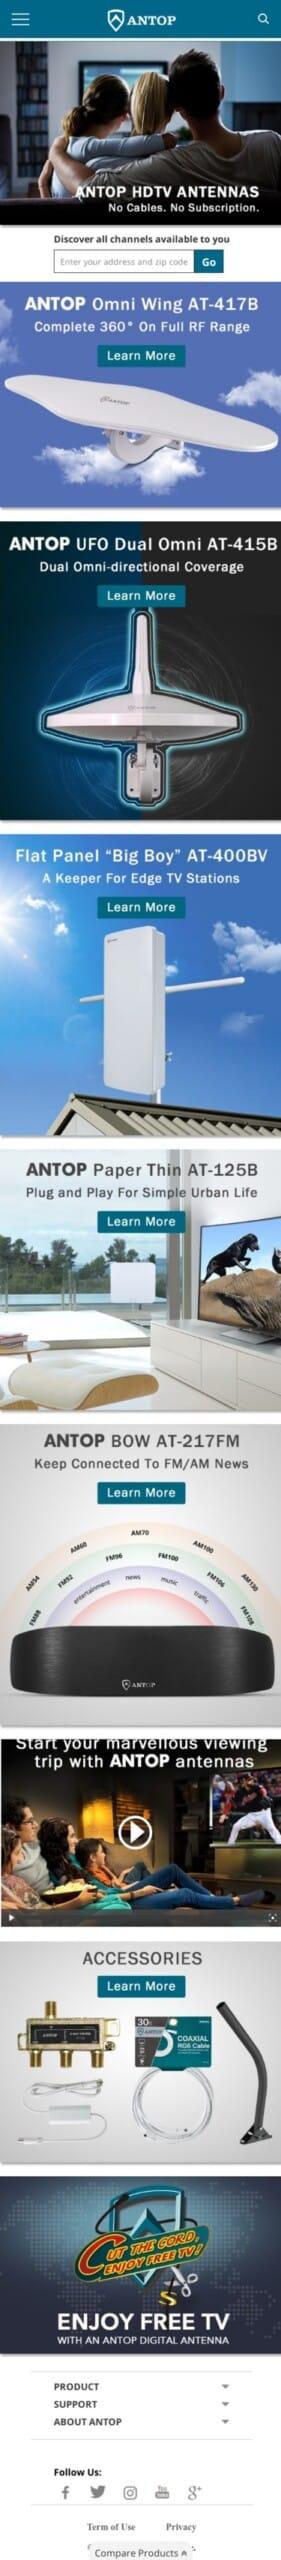 Antop Antenna Inc Coupon